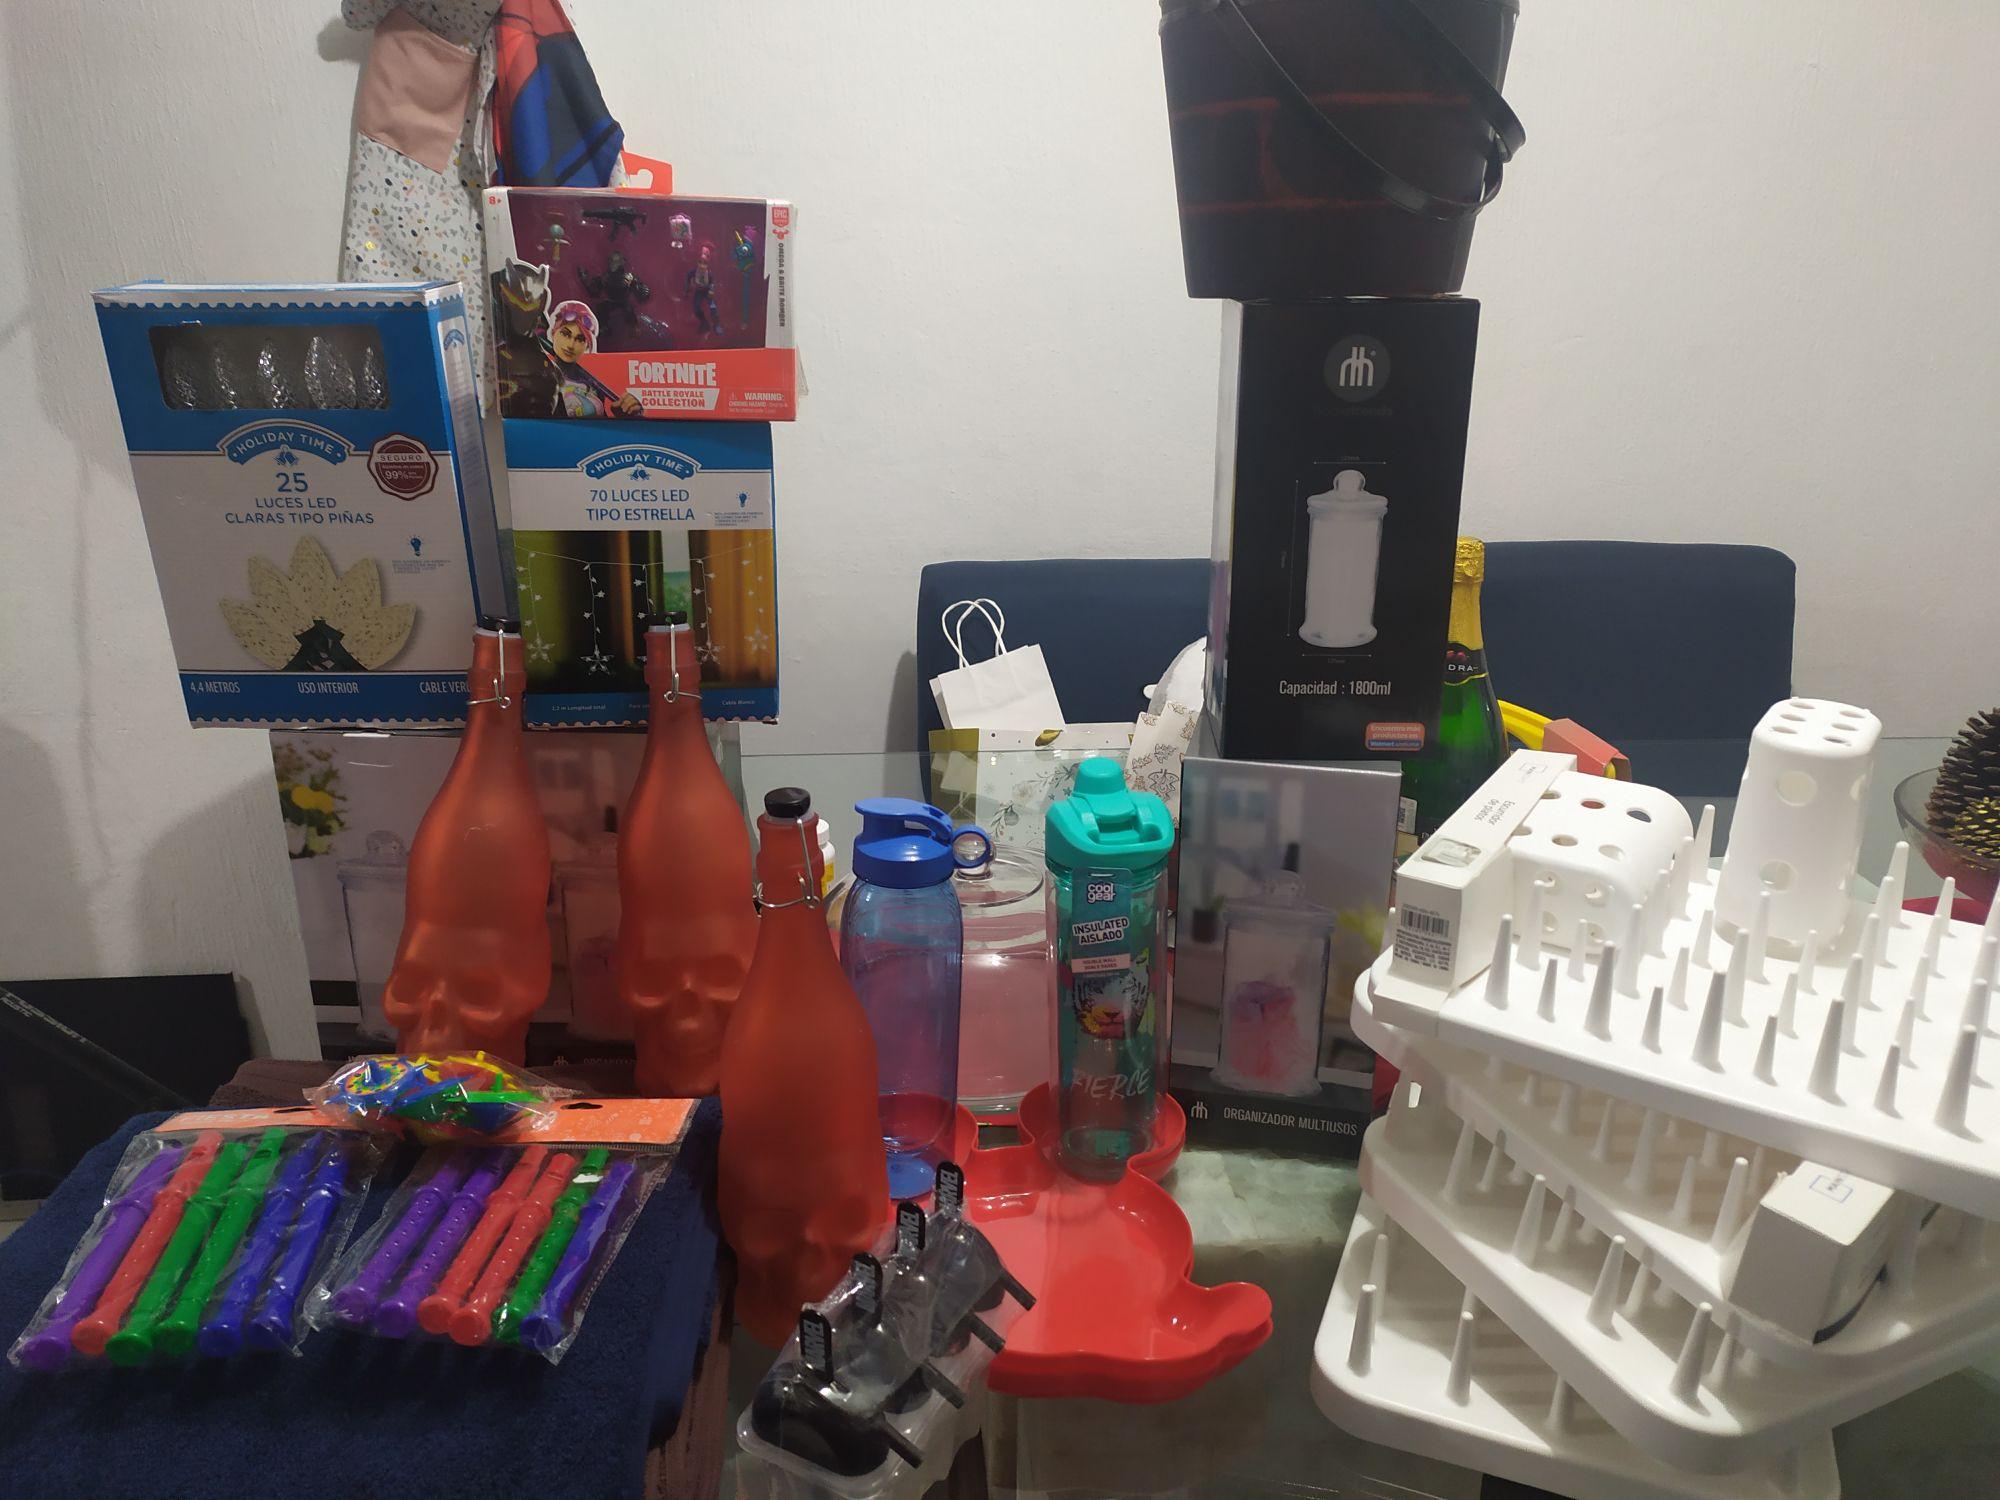 Madriguera Walmart Figura Fornite, luces LED navideñas, toallas gdes. Organizador multiusos